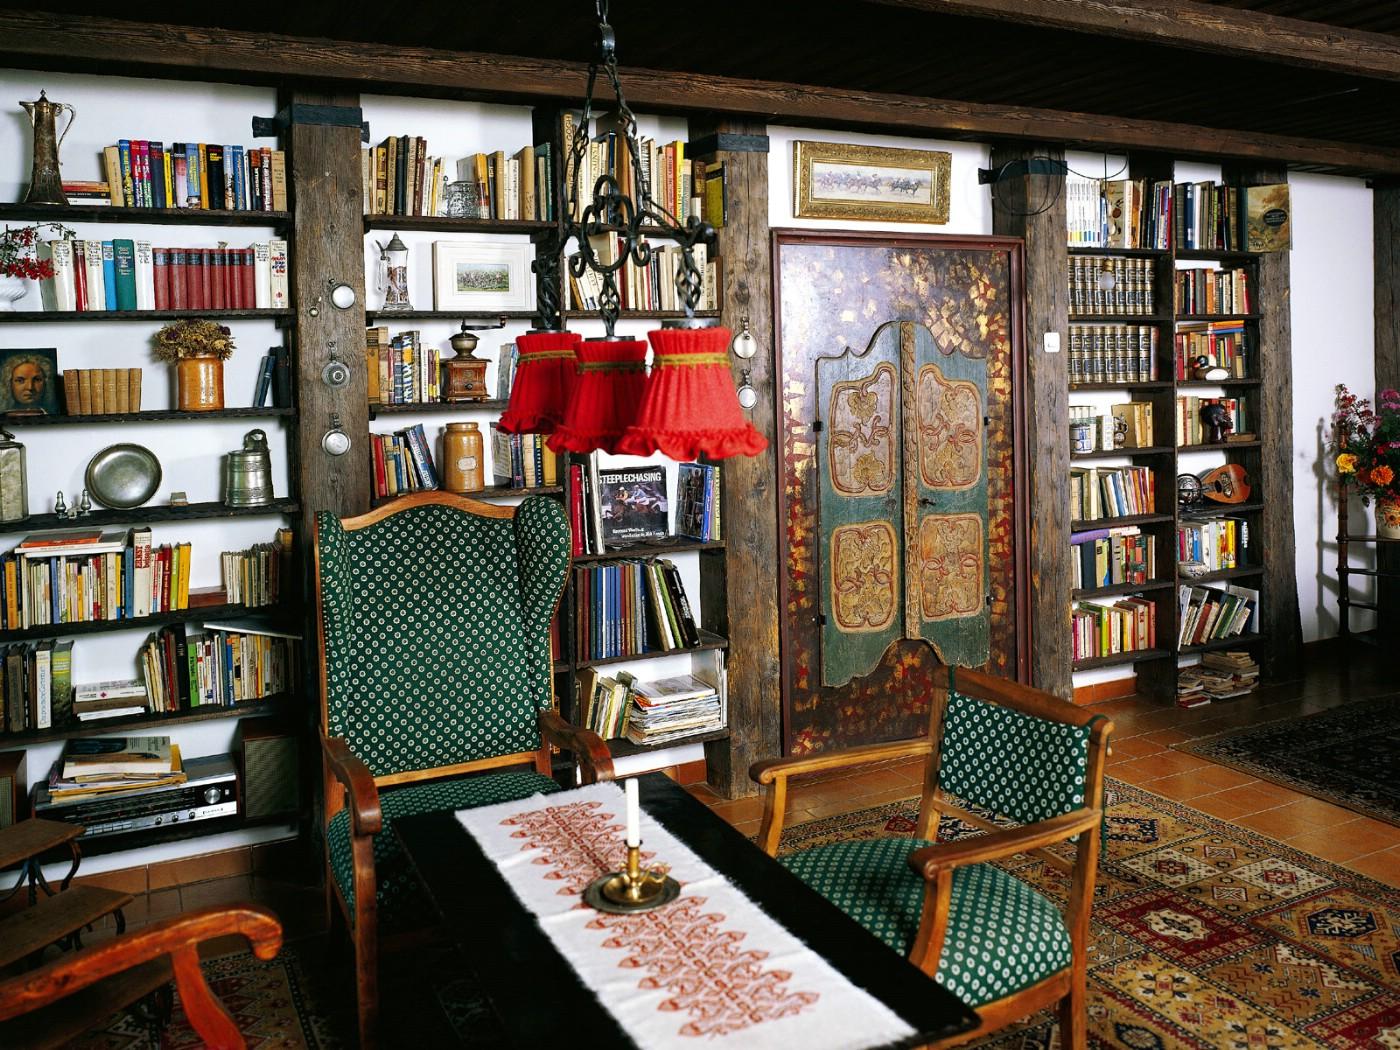 壁纸1400×1050浪漫家居4 壁纸1壁纸 浪漫家居4壁纸图片建筑壁纸建筑图片素材桌面壁纸